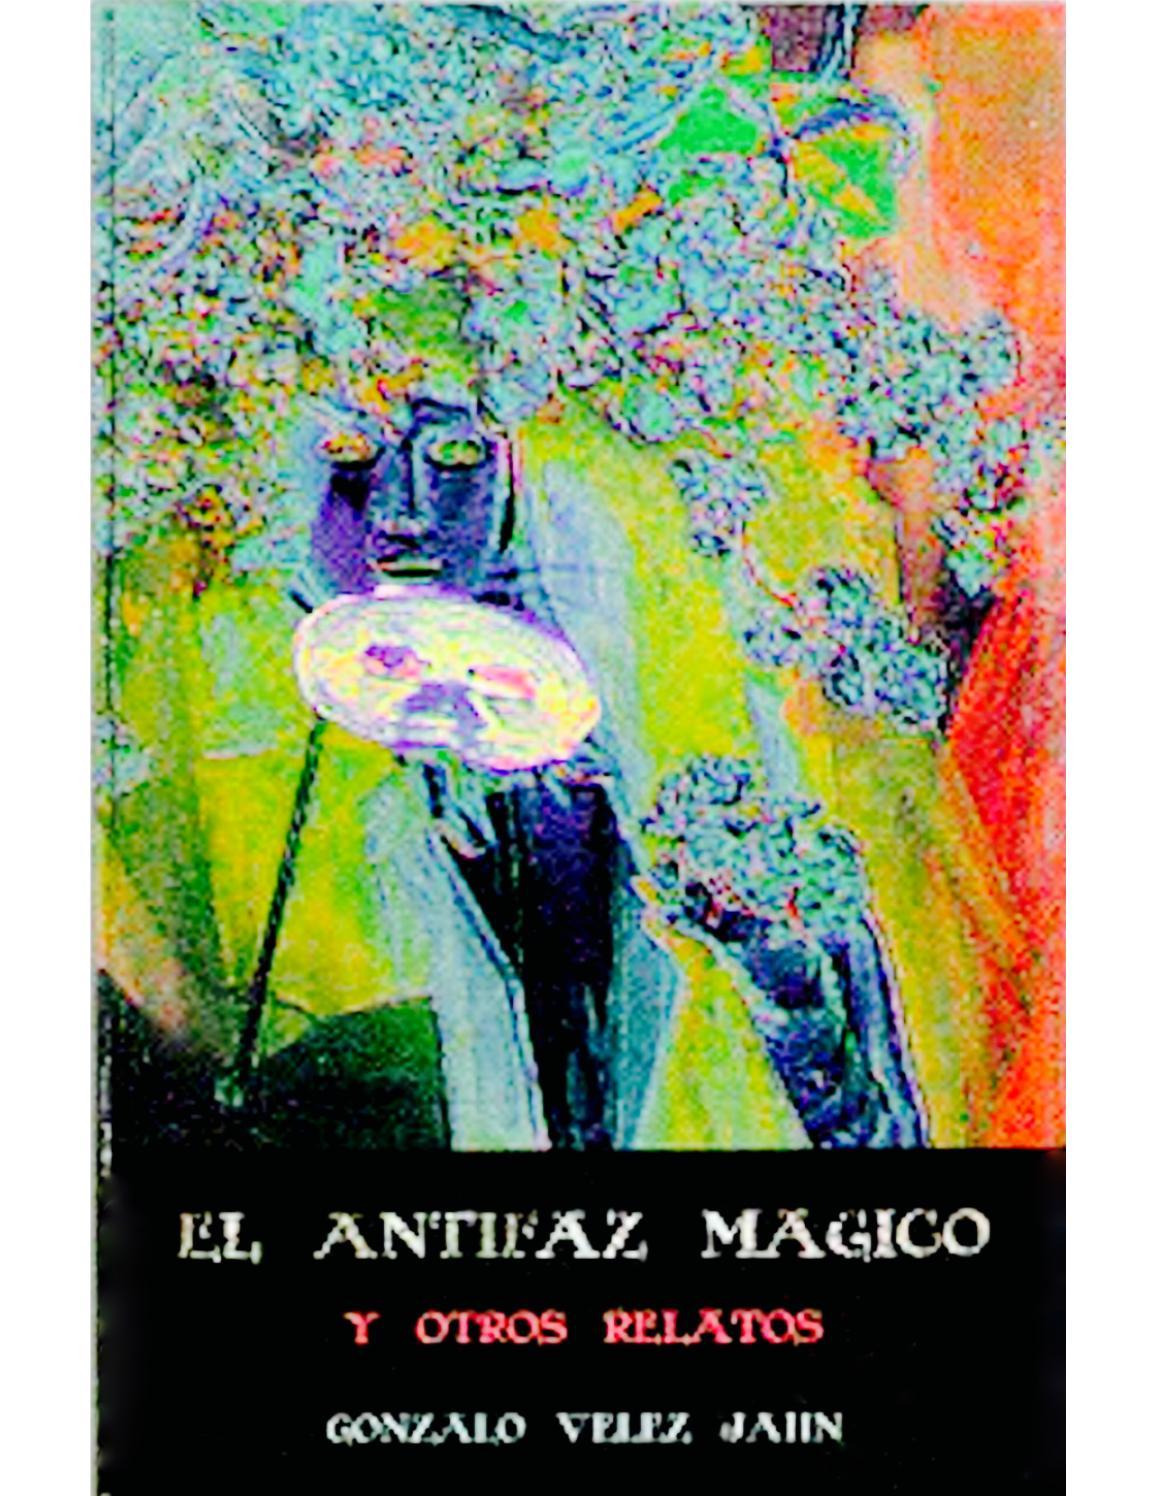 El Antifaz Mágico y otros relatos breves by Explora - issuu